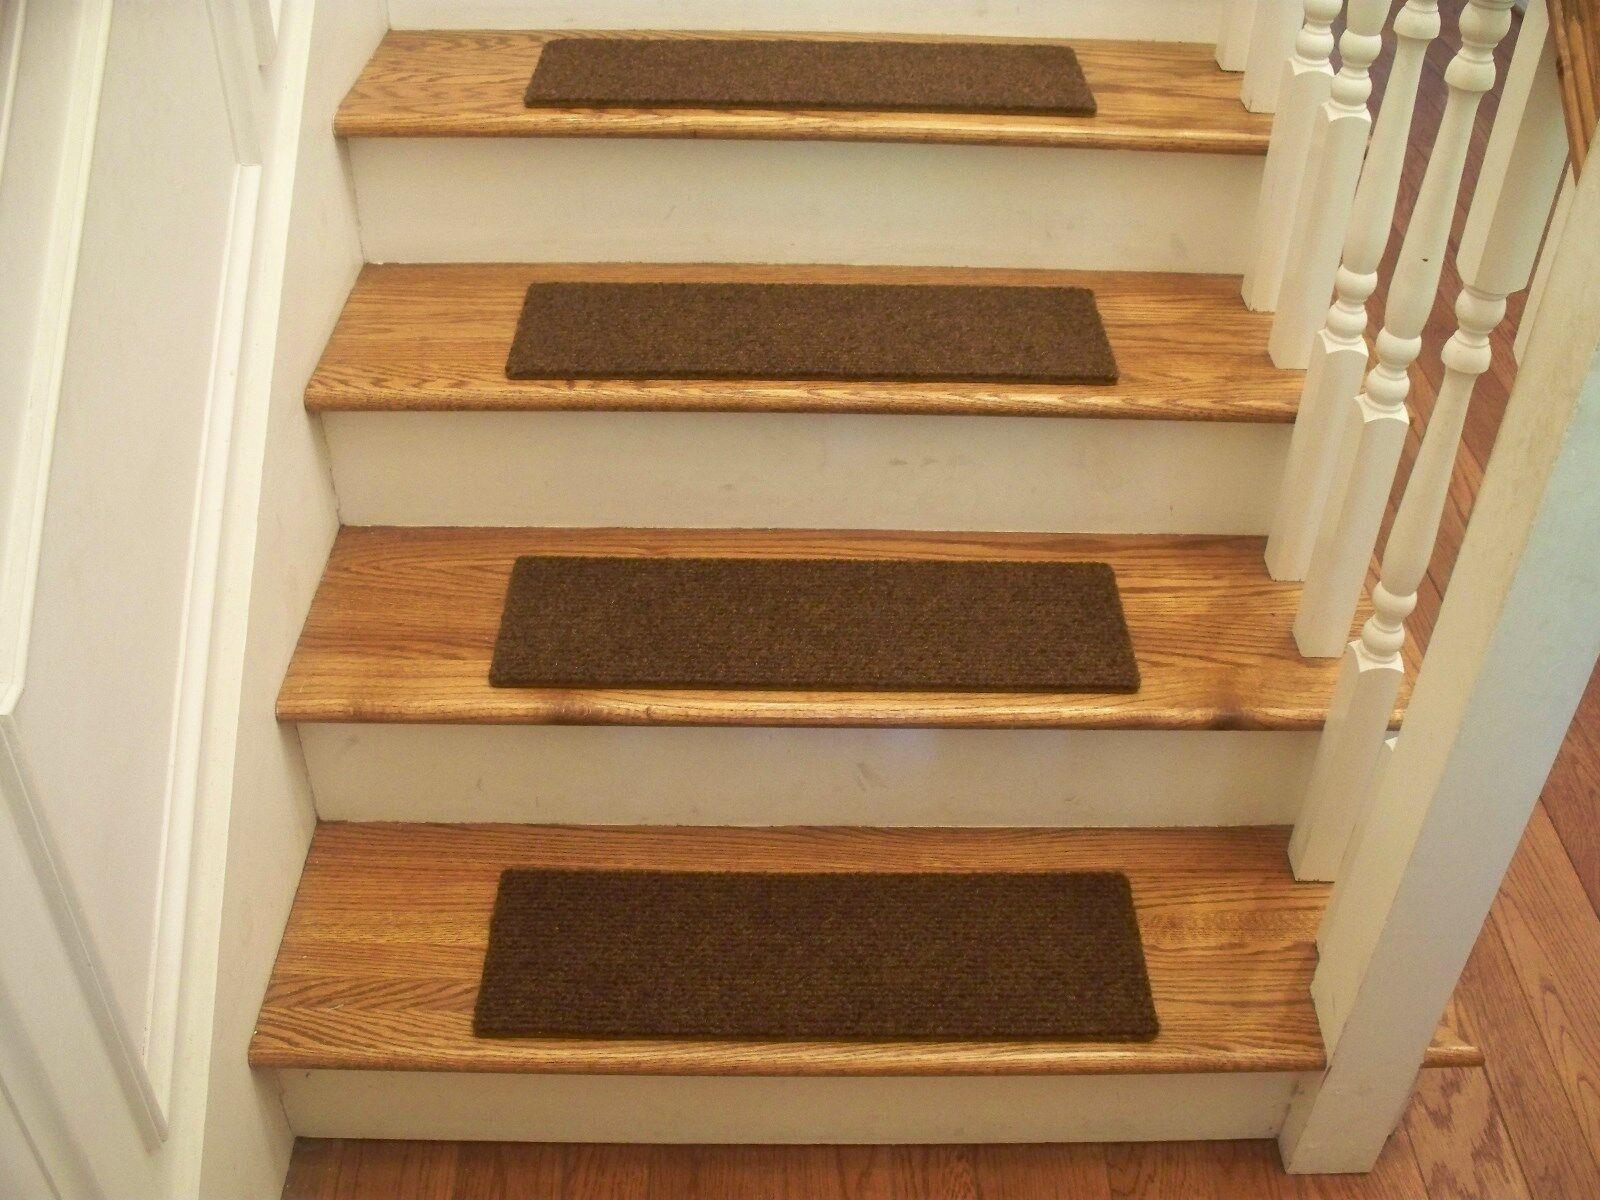 Premium Premium Premium Carpet Stair Tread Sets - Velour braun - 24  x 8  d8b154